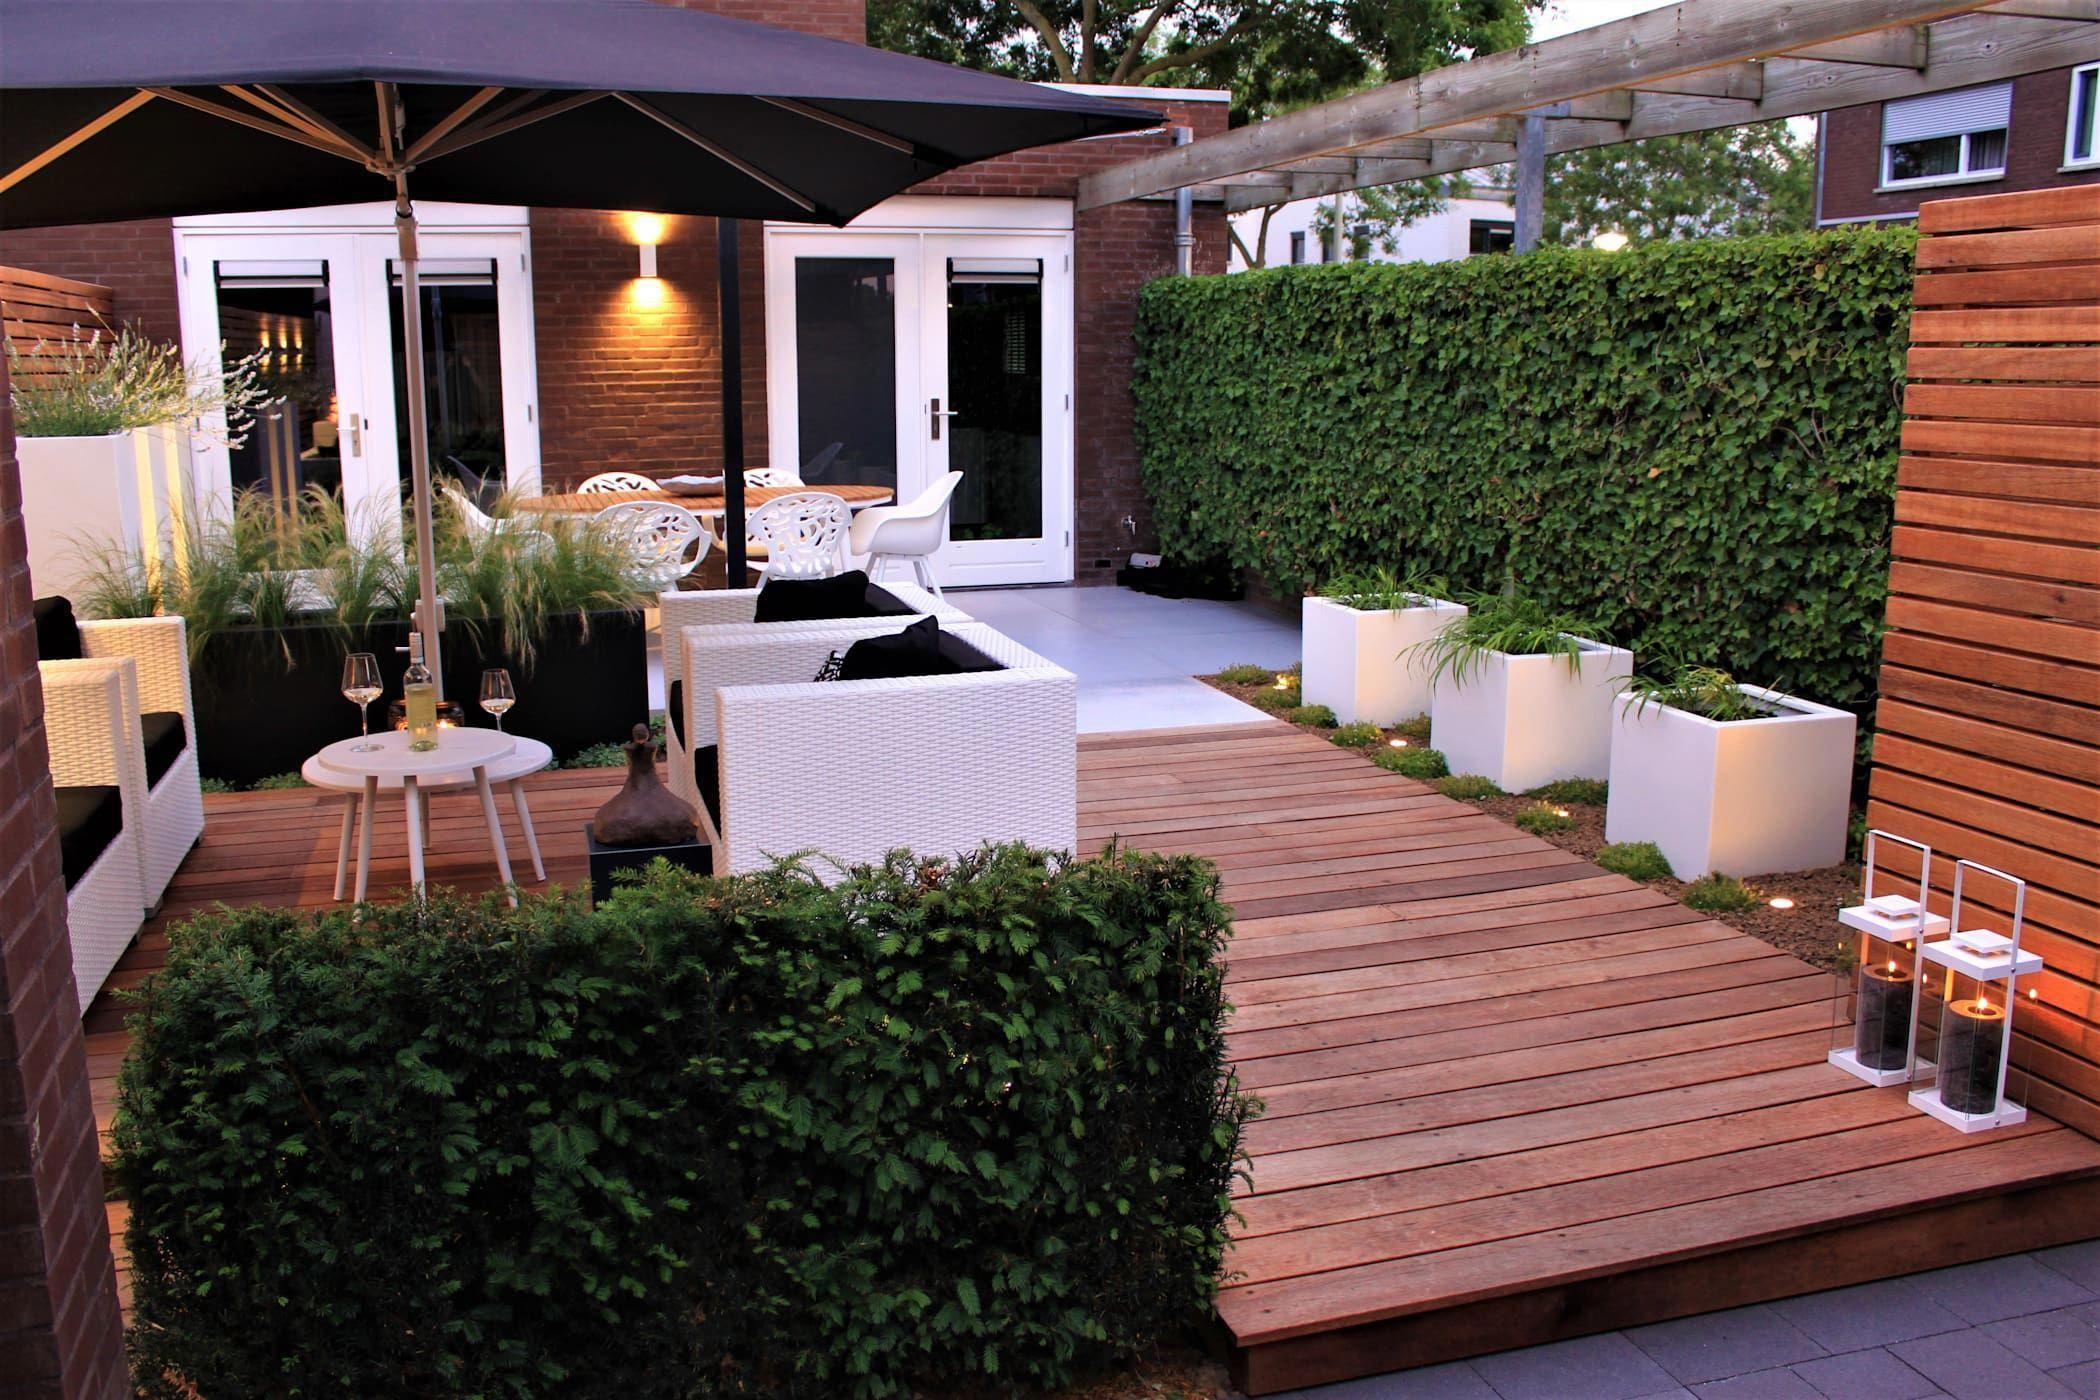 Ibiza Tuin Tuin Door Hoveniersbedrijf Guy Wolfs Balconygarden Tuin Ideeen Tuin Moderne Tuin